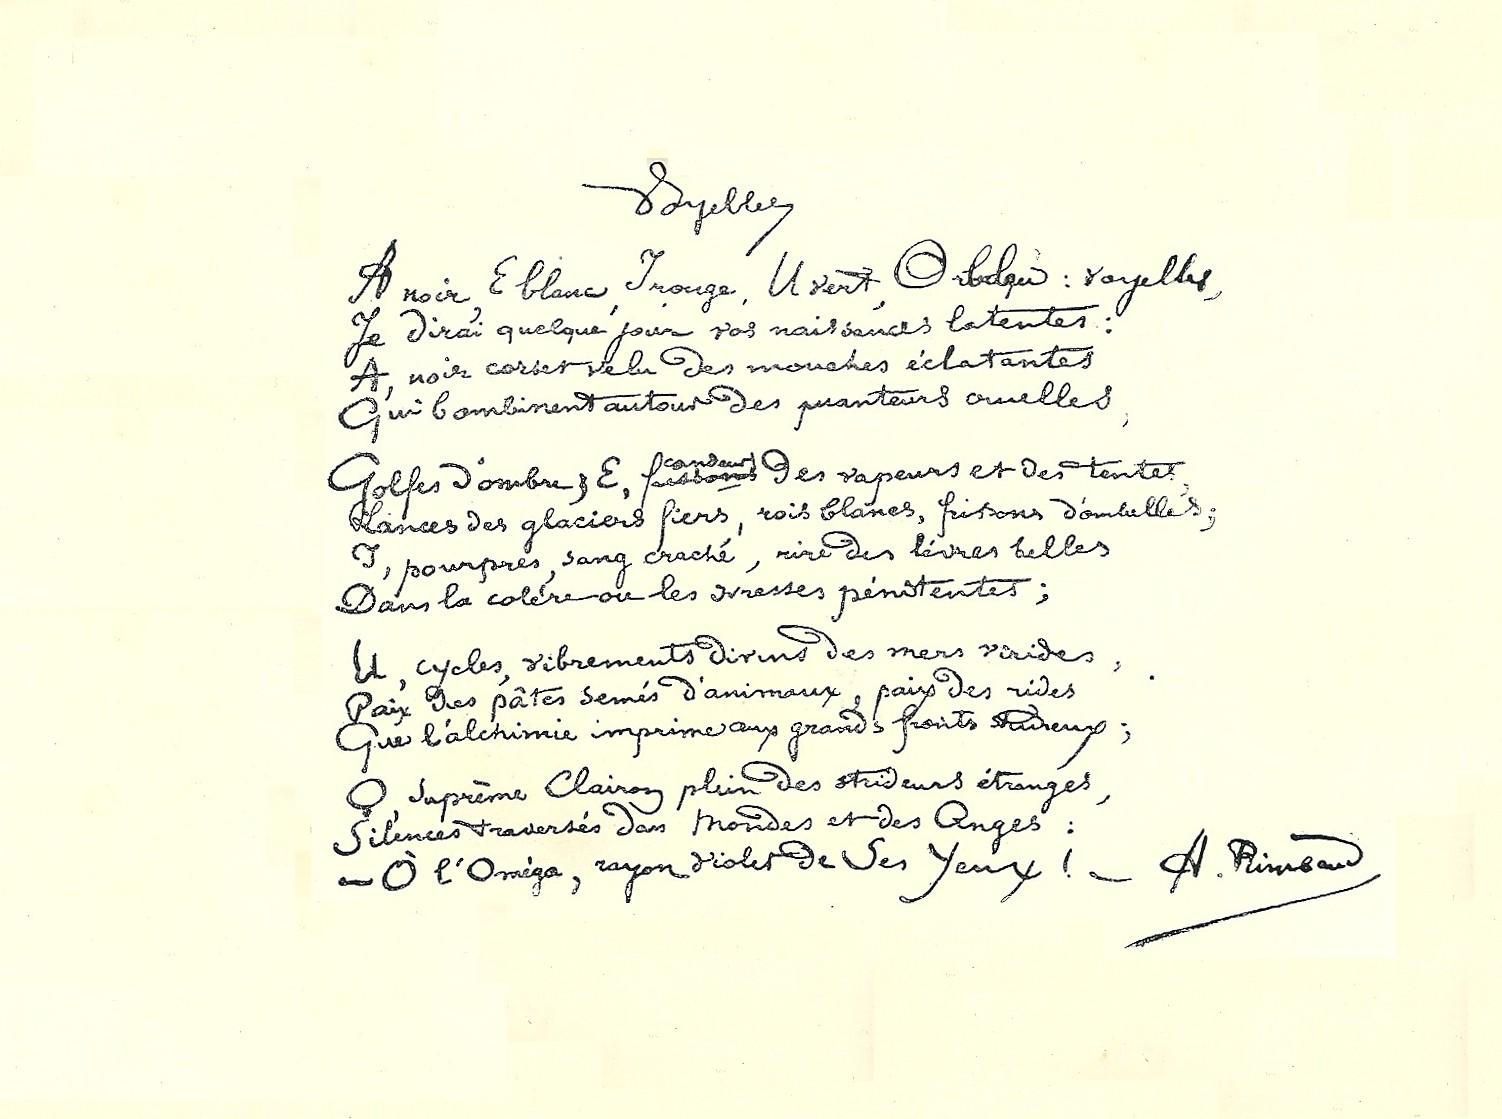 Voyelles Sonnet Wikipédia